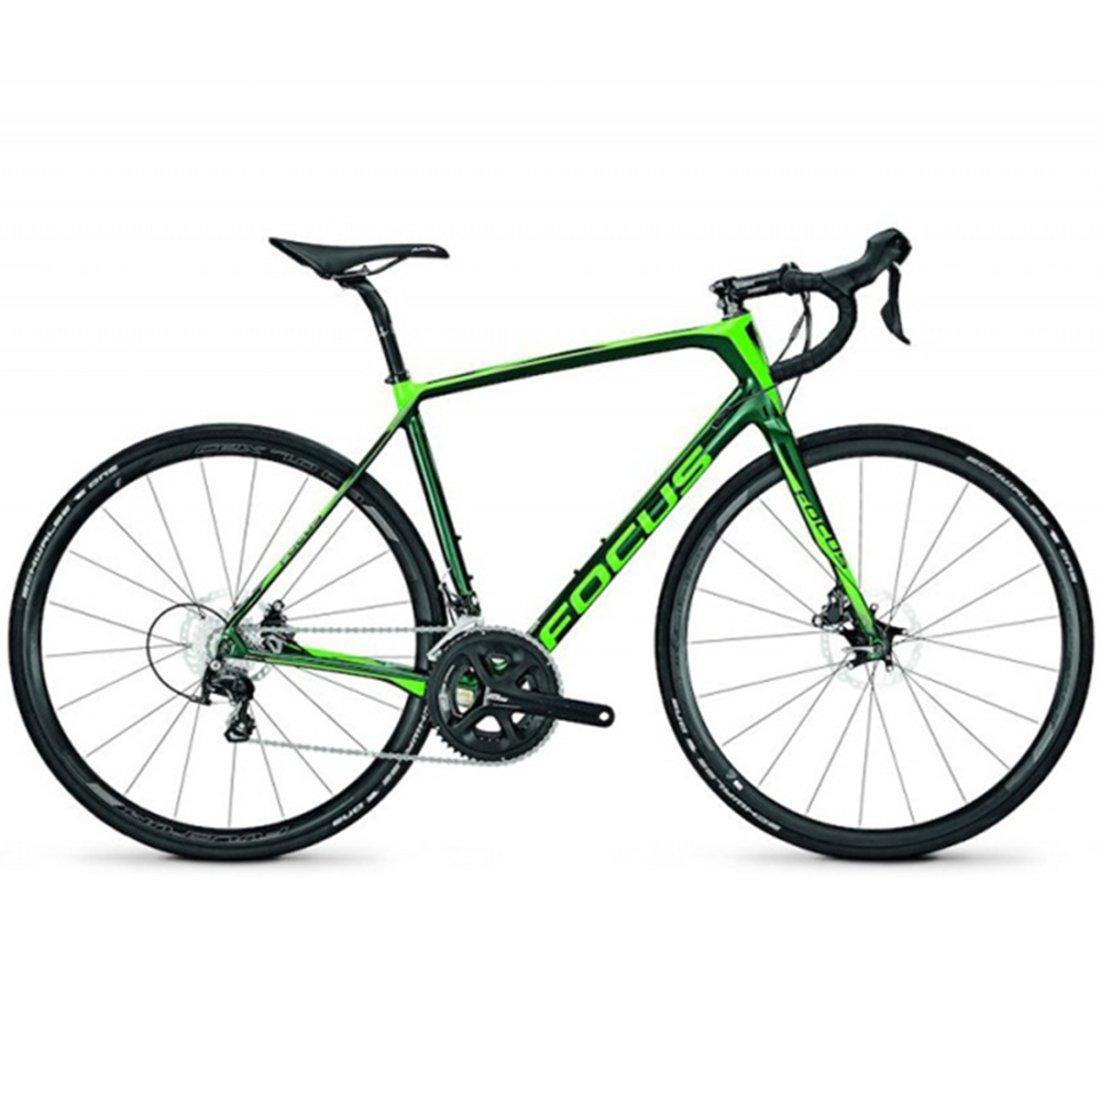 58 Bicicletas de carretera · Motocard